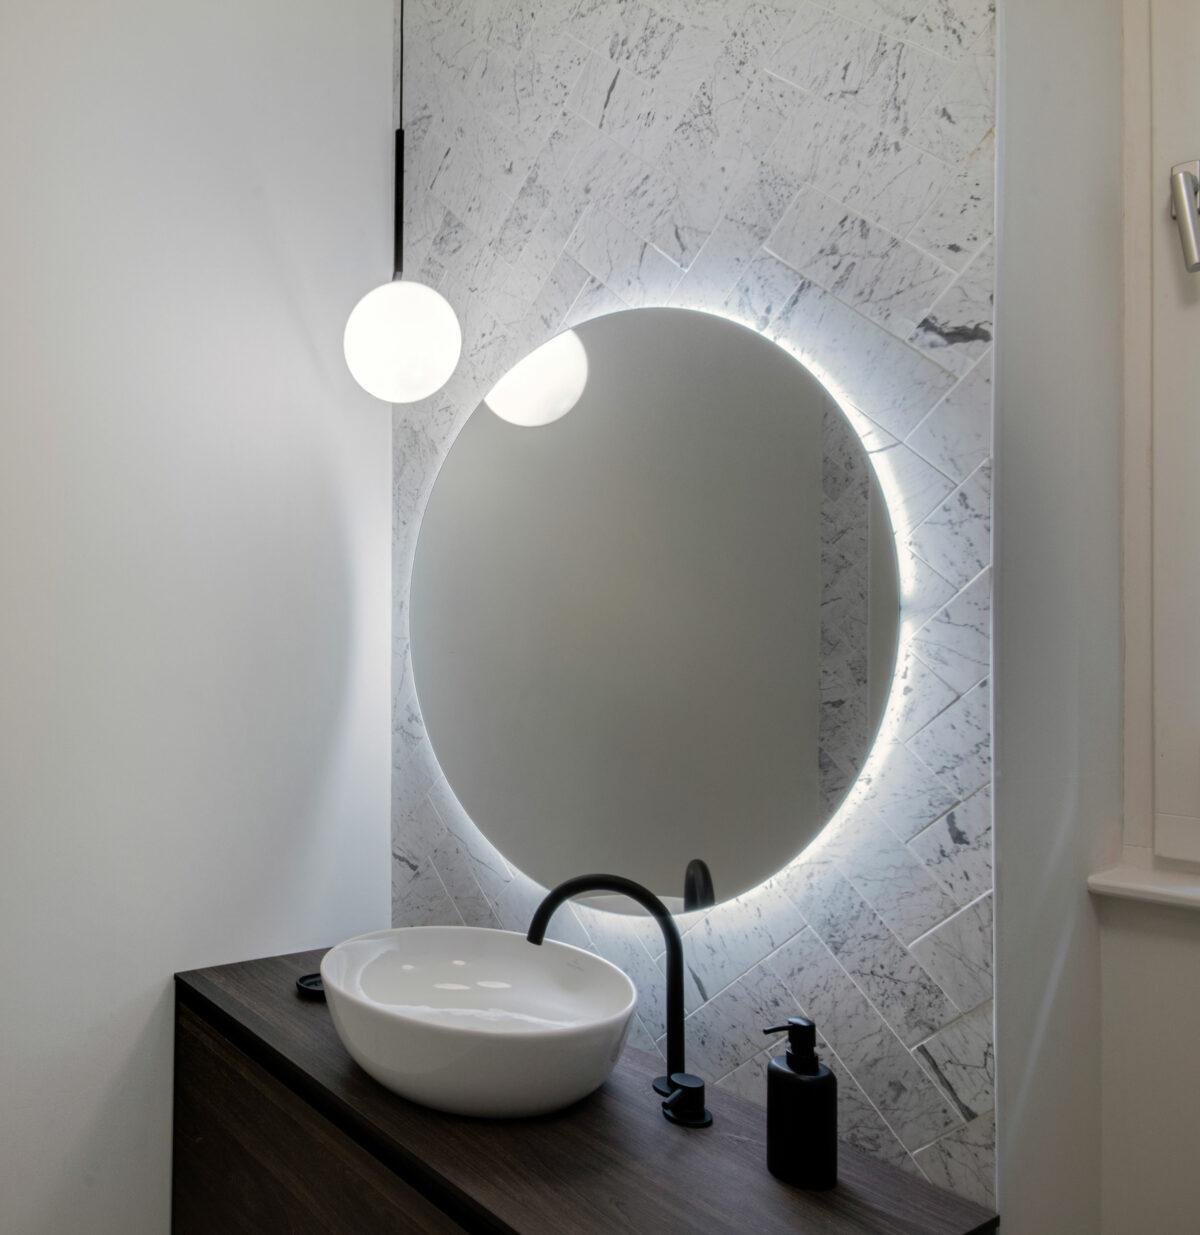 AQSO arquitectos office. El mueble del lavabo del baño está fabricado en madera oscura de Teca. La iluminación proviene del espejo circular retroiluminado y la lámpara de globo suspendida del techo.